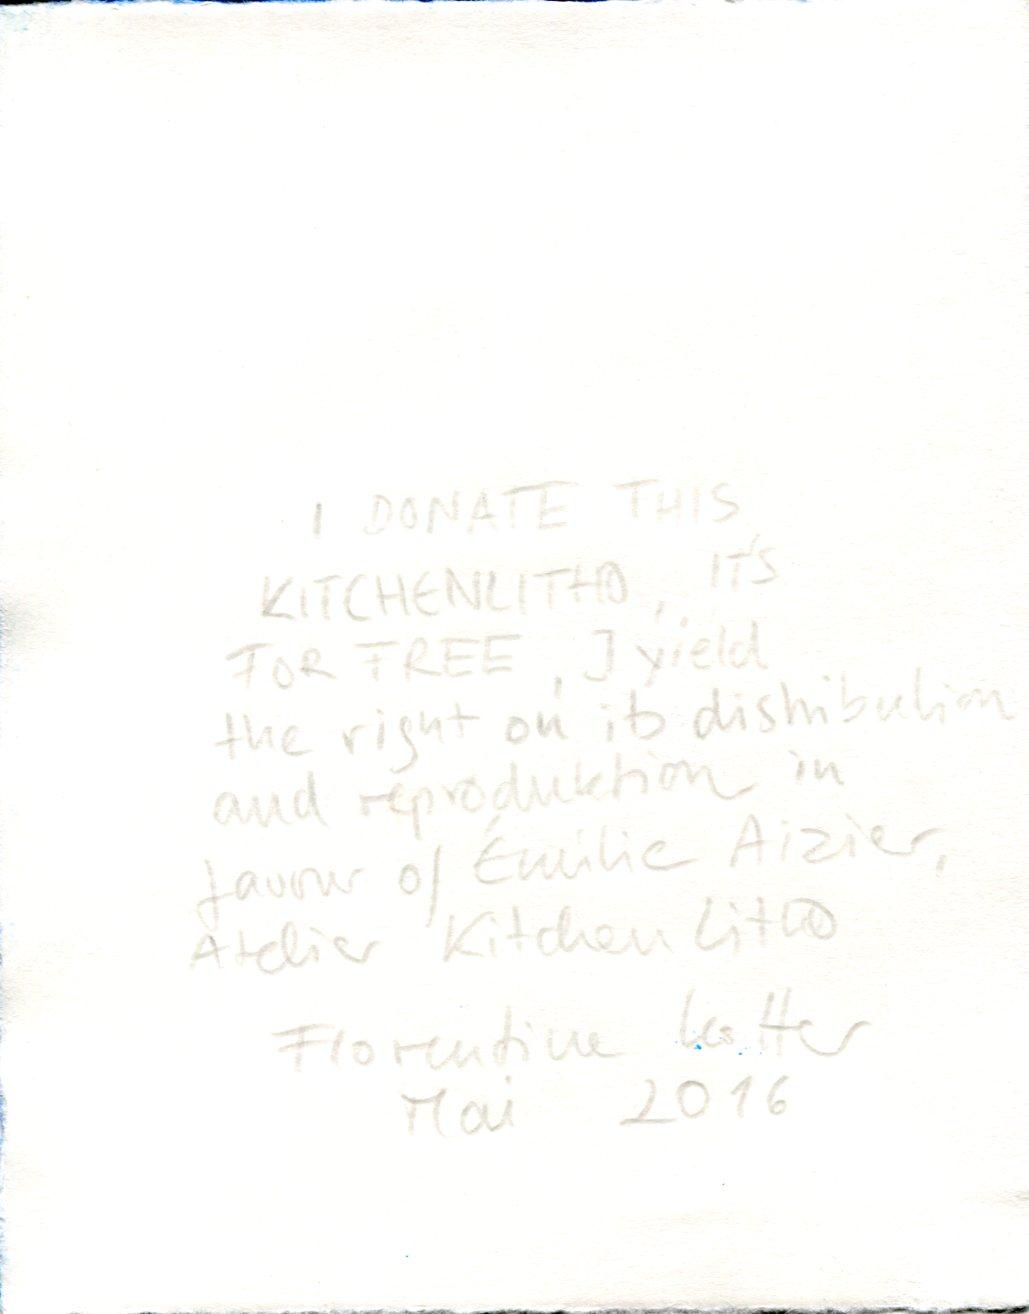 KOTTER-FlorentinDOS340